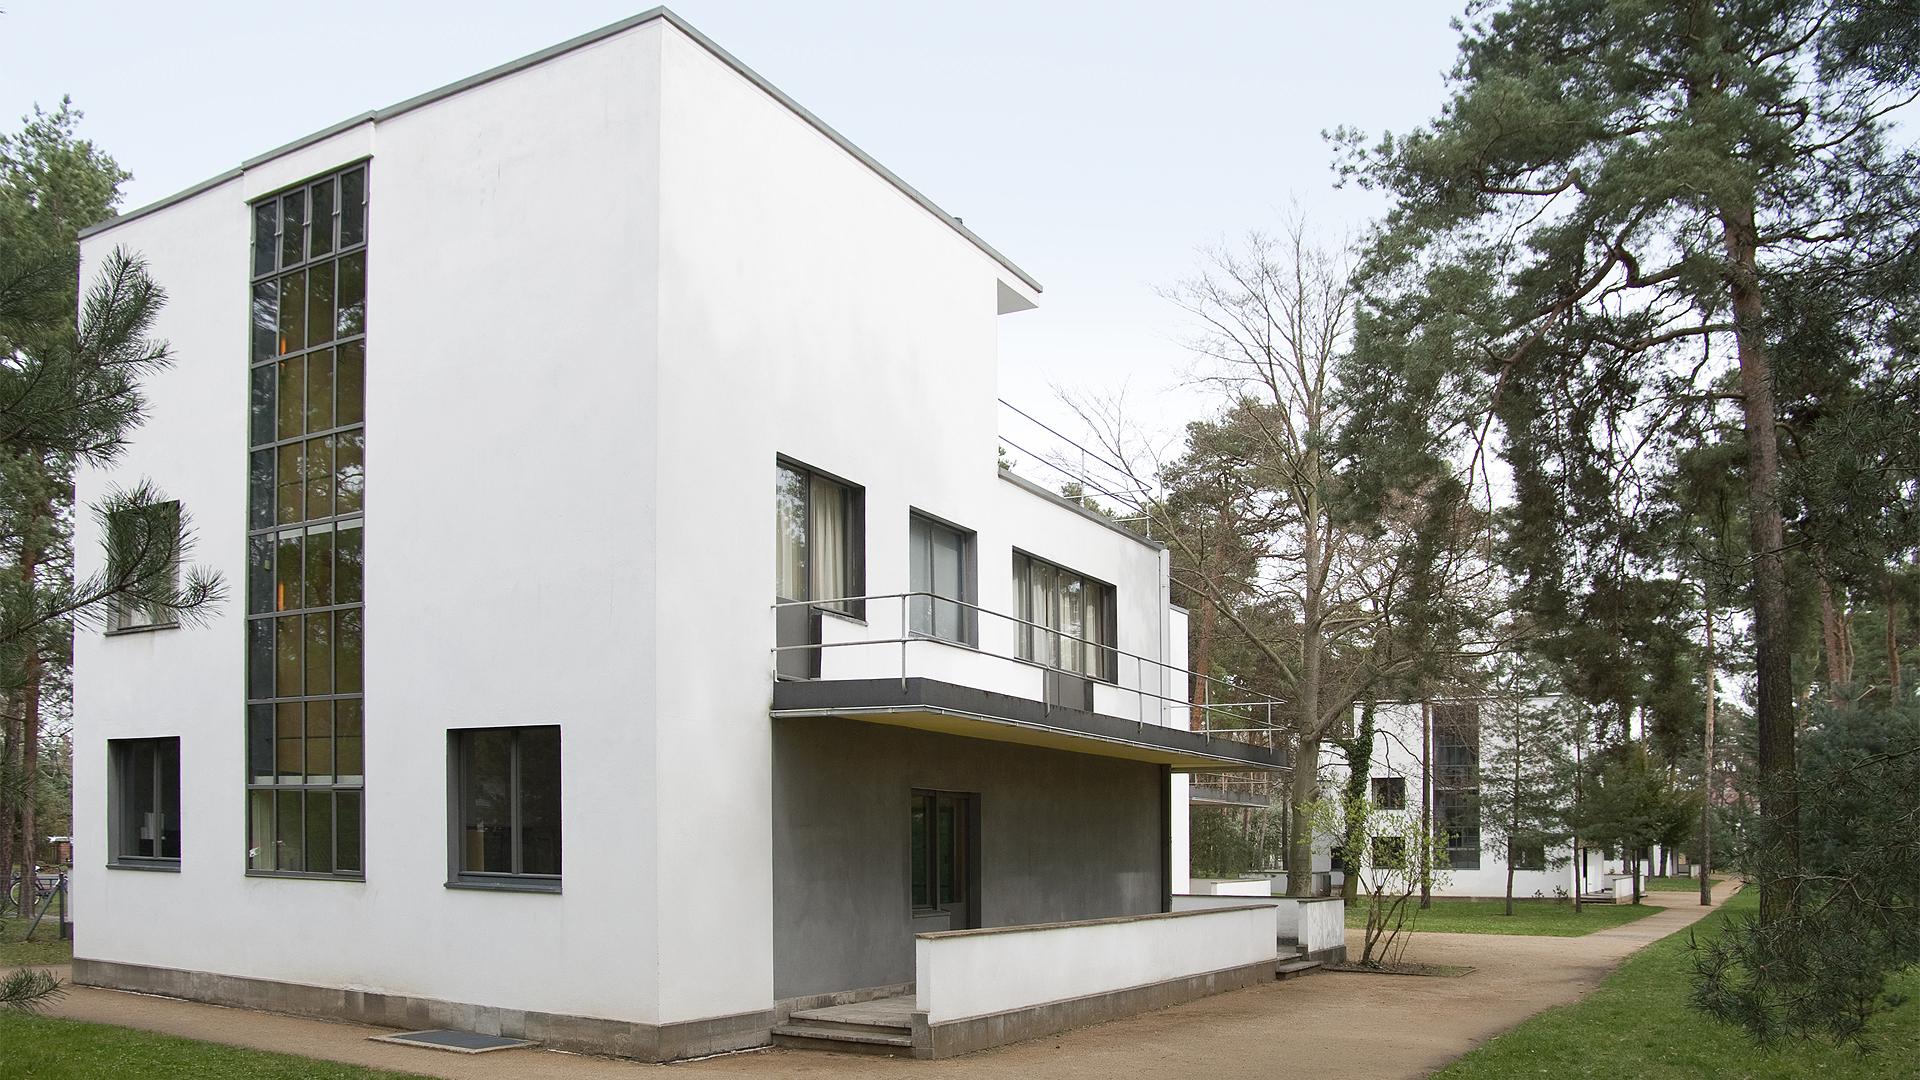 100 jahre bauhaus einladung zu einer inspirierenden for Bauhaus architektur heute